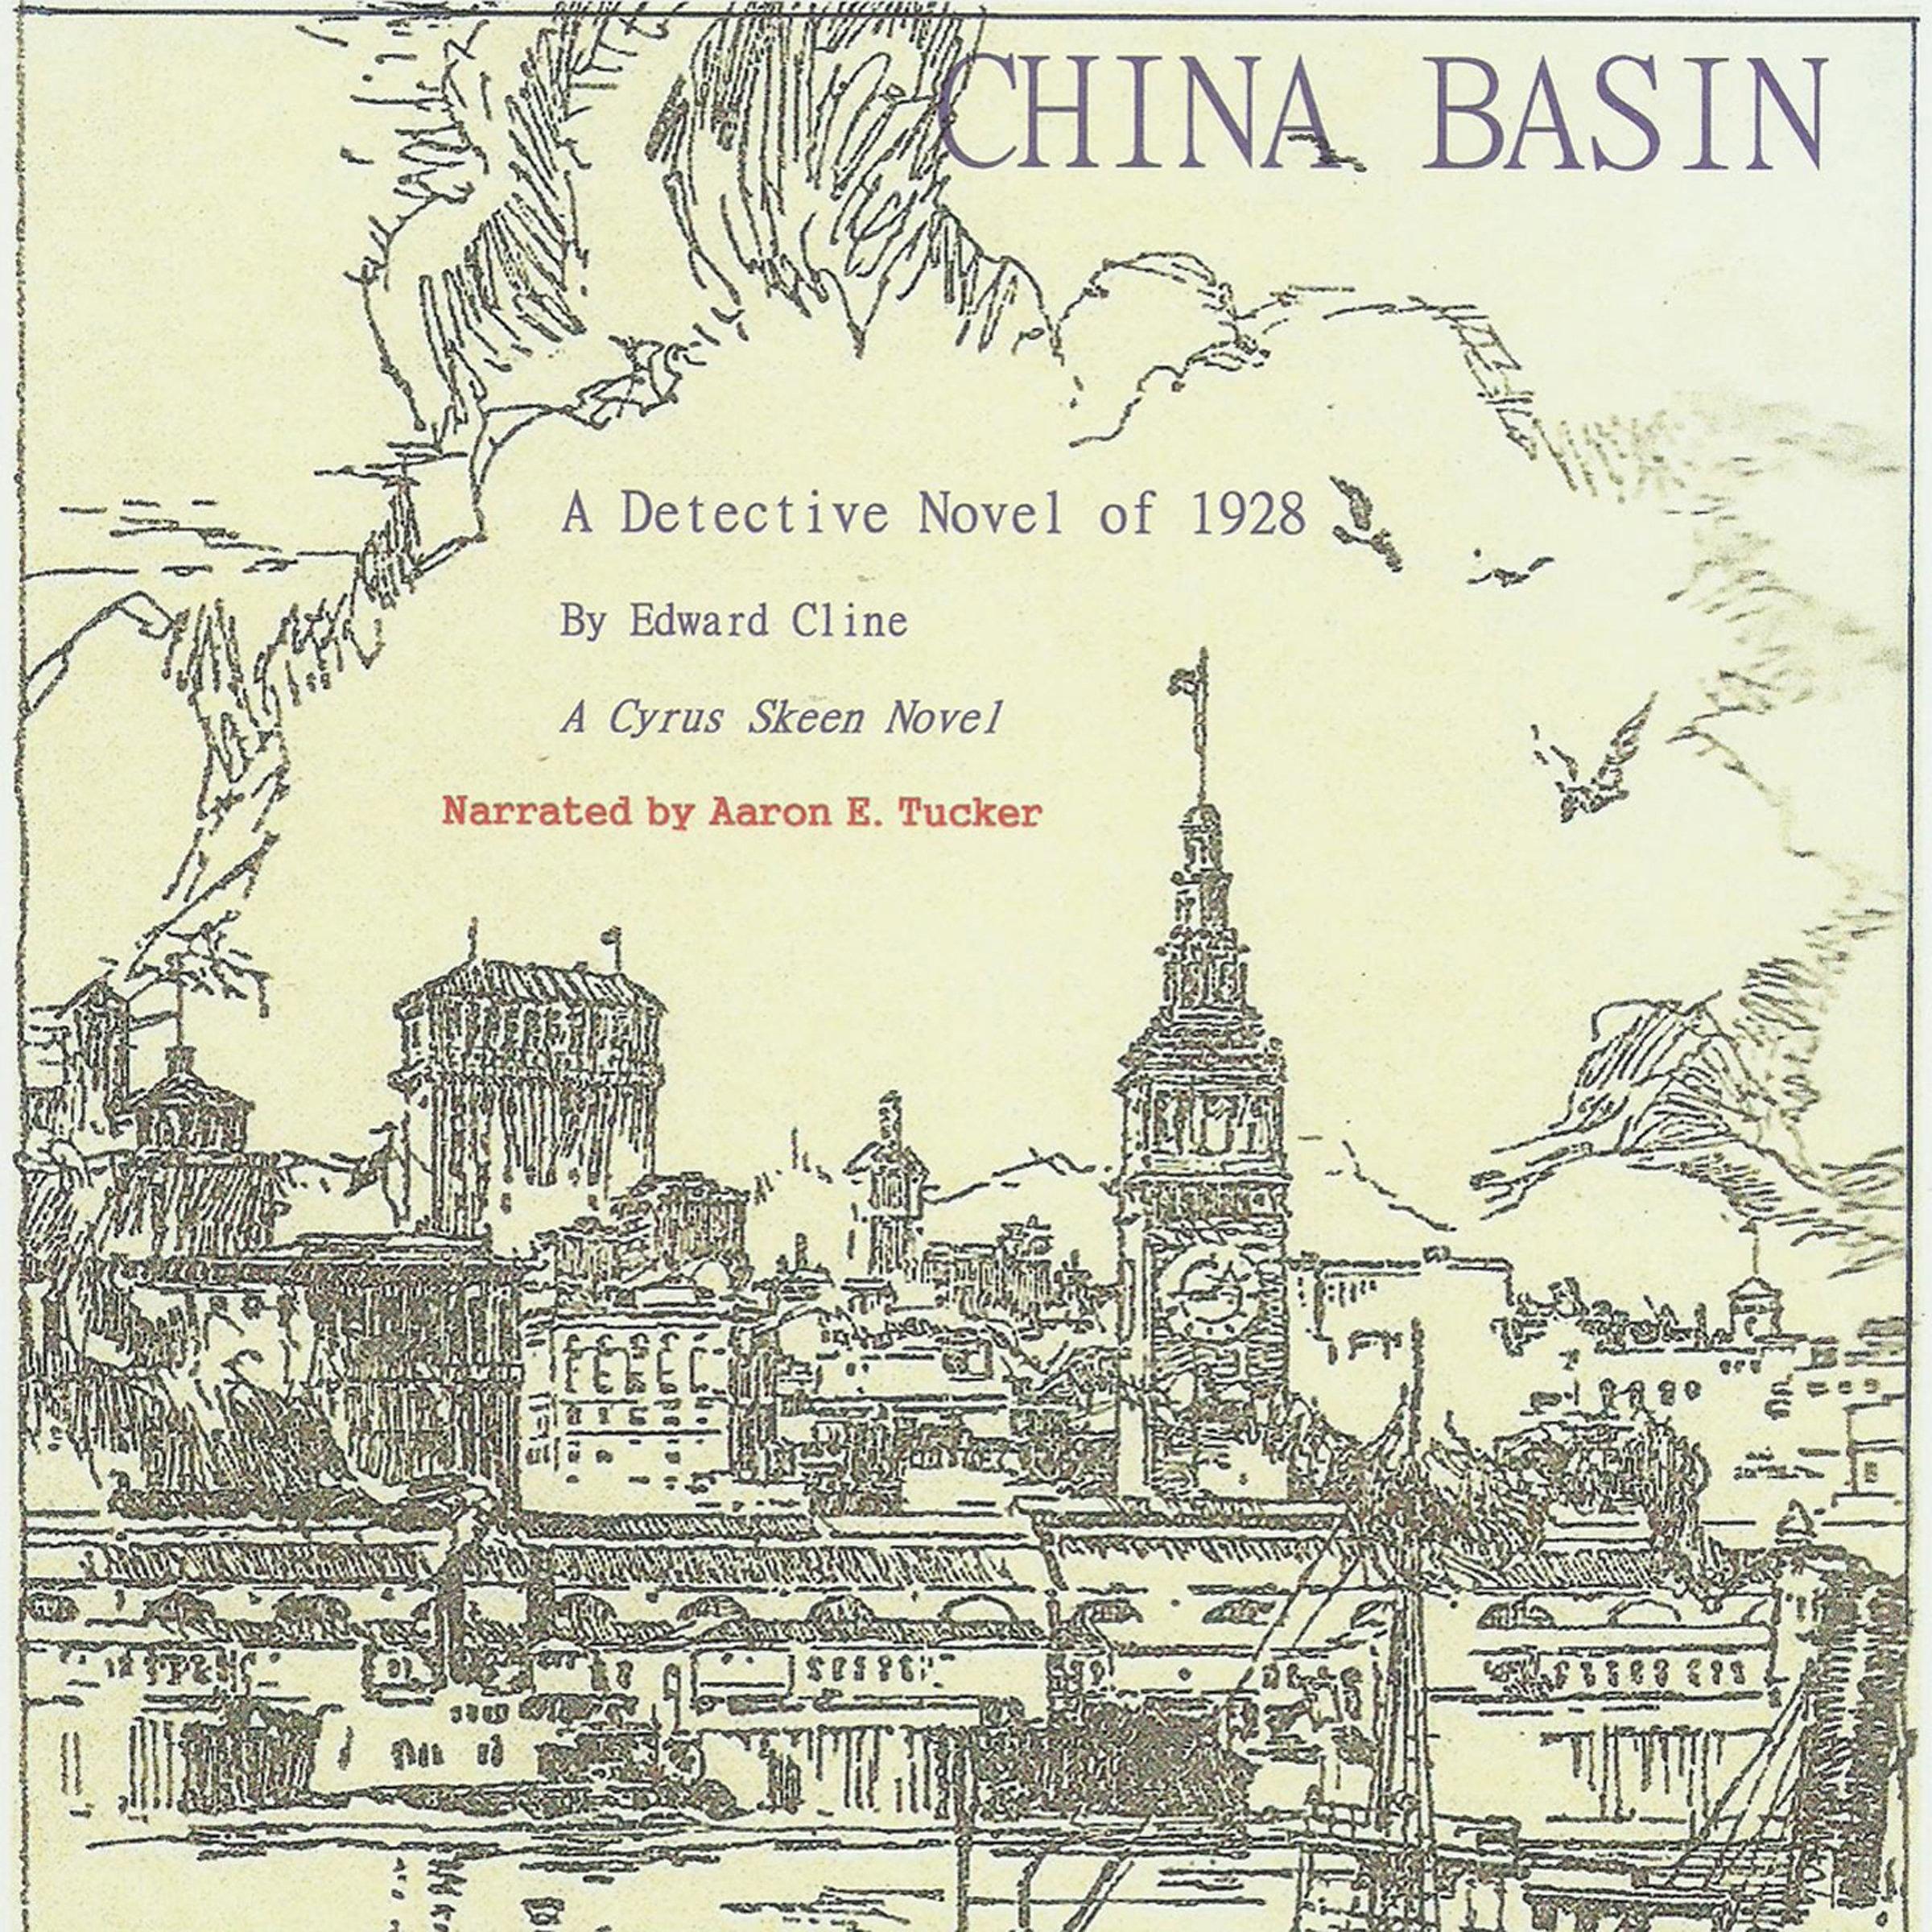 China Basin: The Cyrus Skeen Series